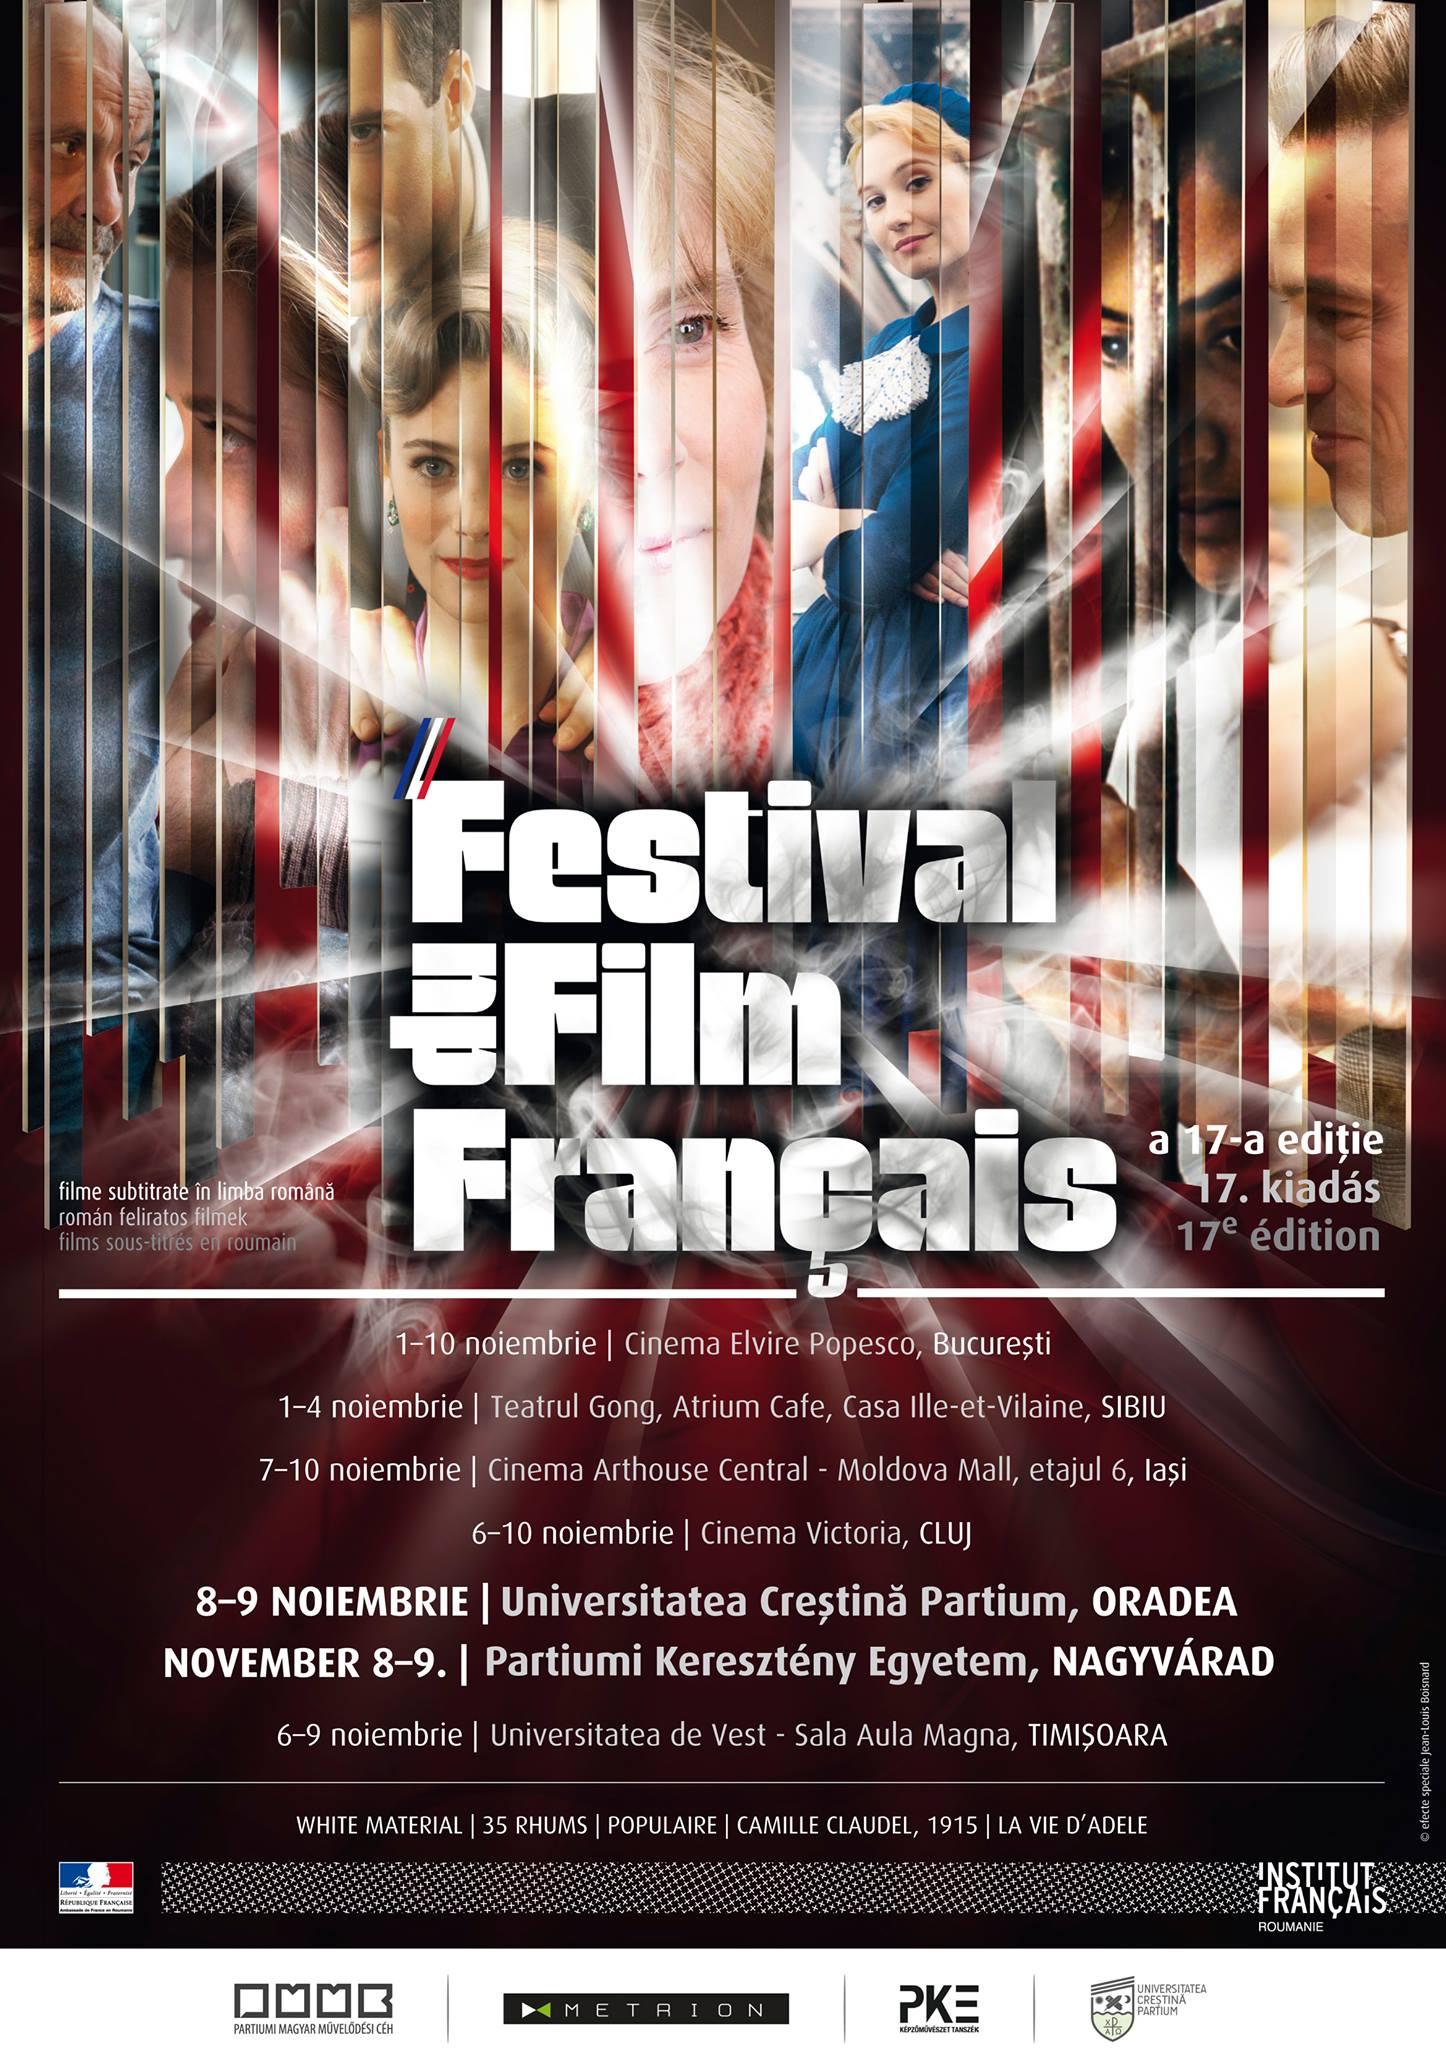 Festivalul Filmului Francez, ediţia a XVII-a, Universitatea Partium, noiembrie 2013 #1